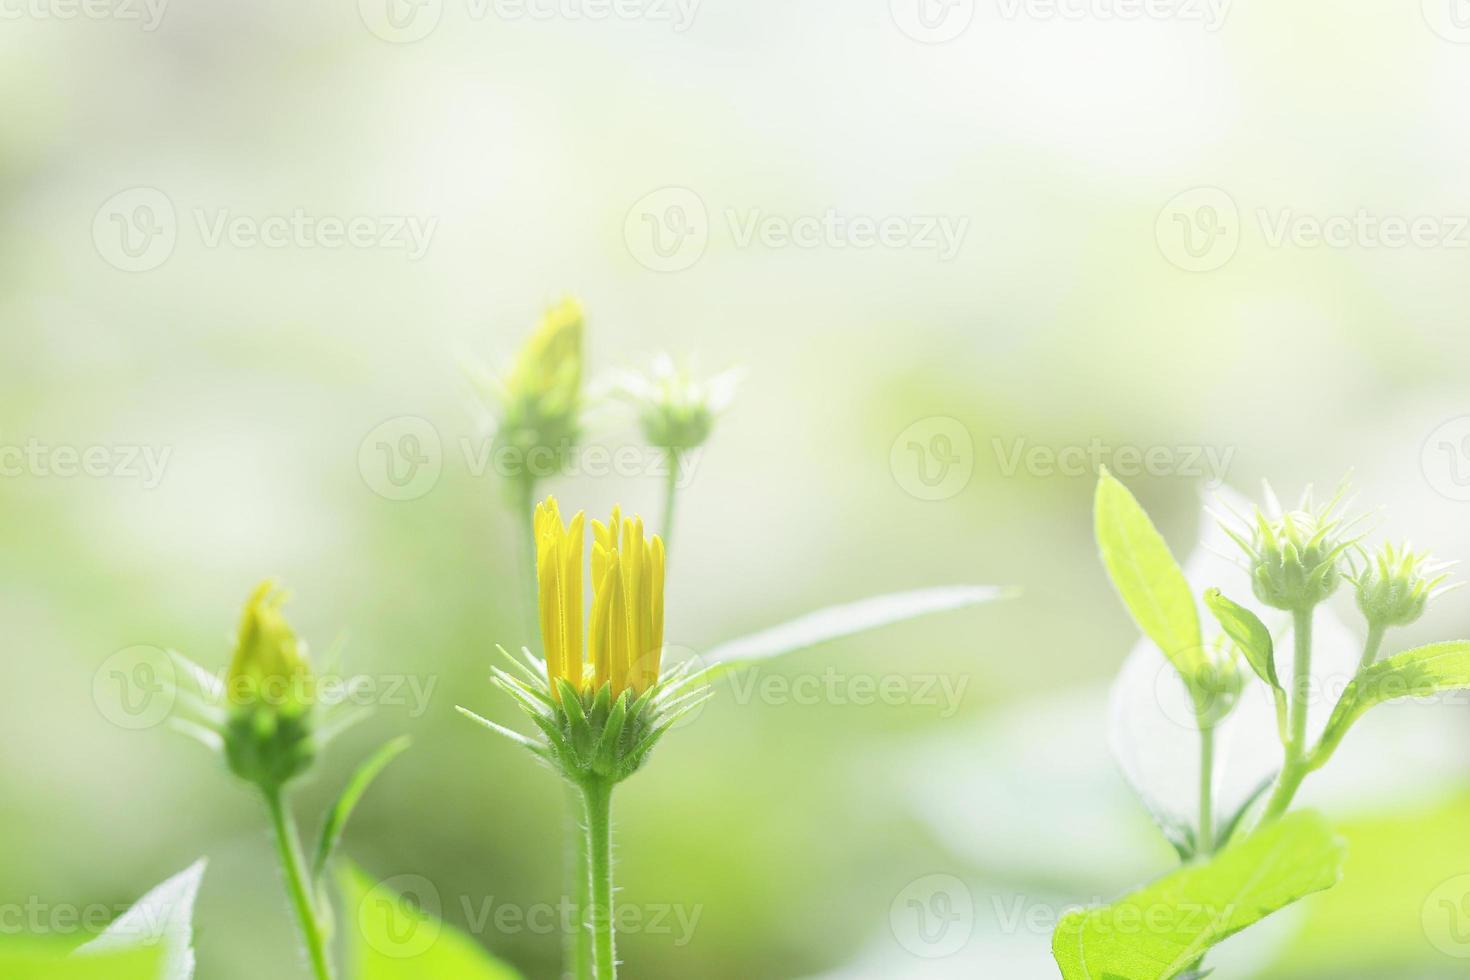 jerusalem artischockenblume foto